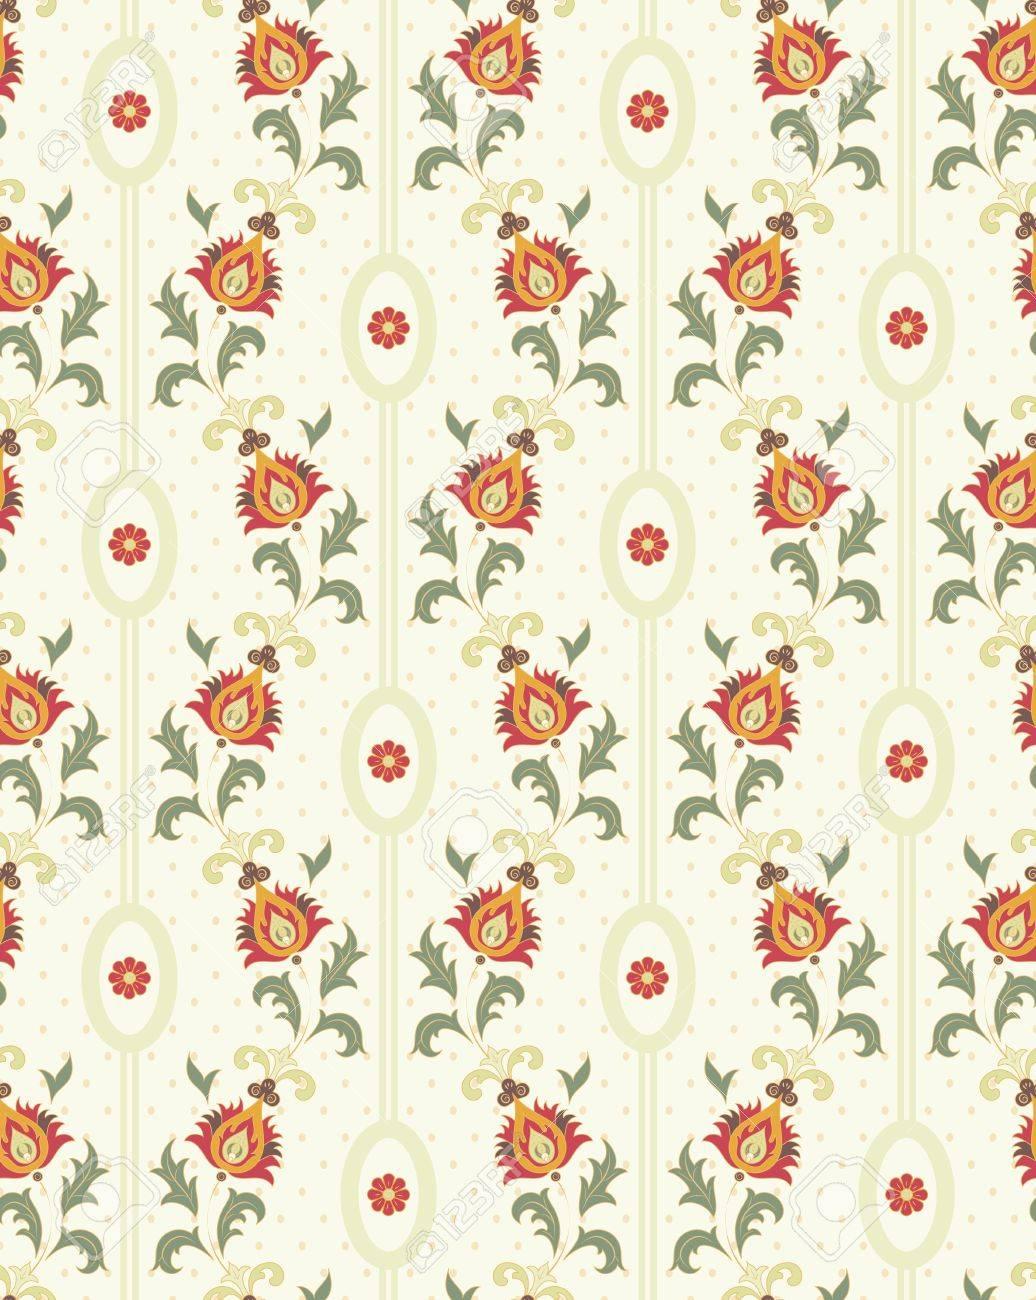 シームレスな花柄の図とレトロな壁紙のイラスト素材 ベクタ Image